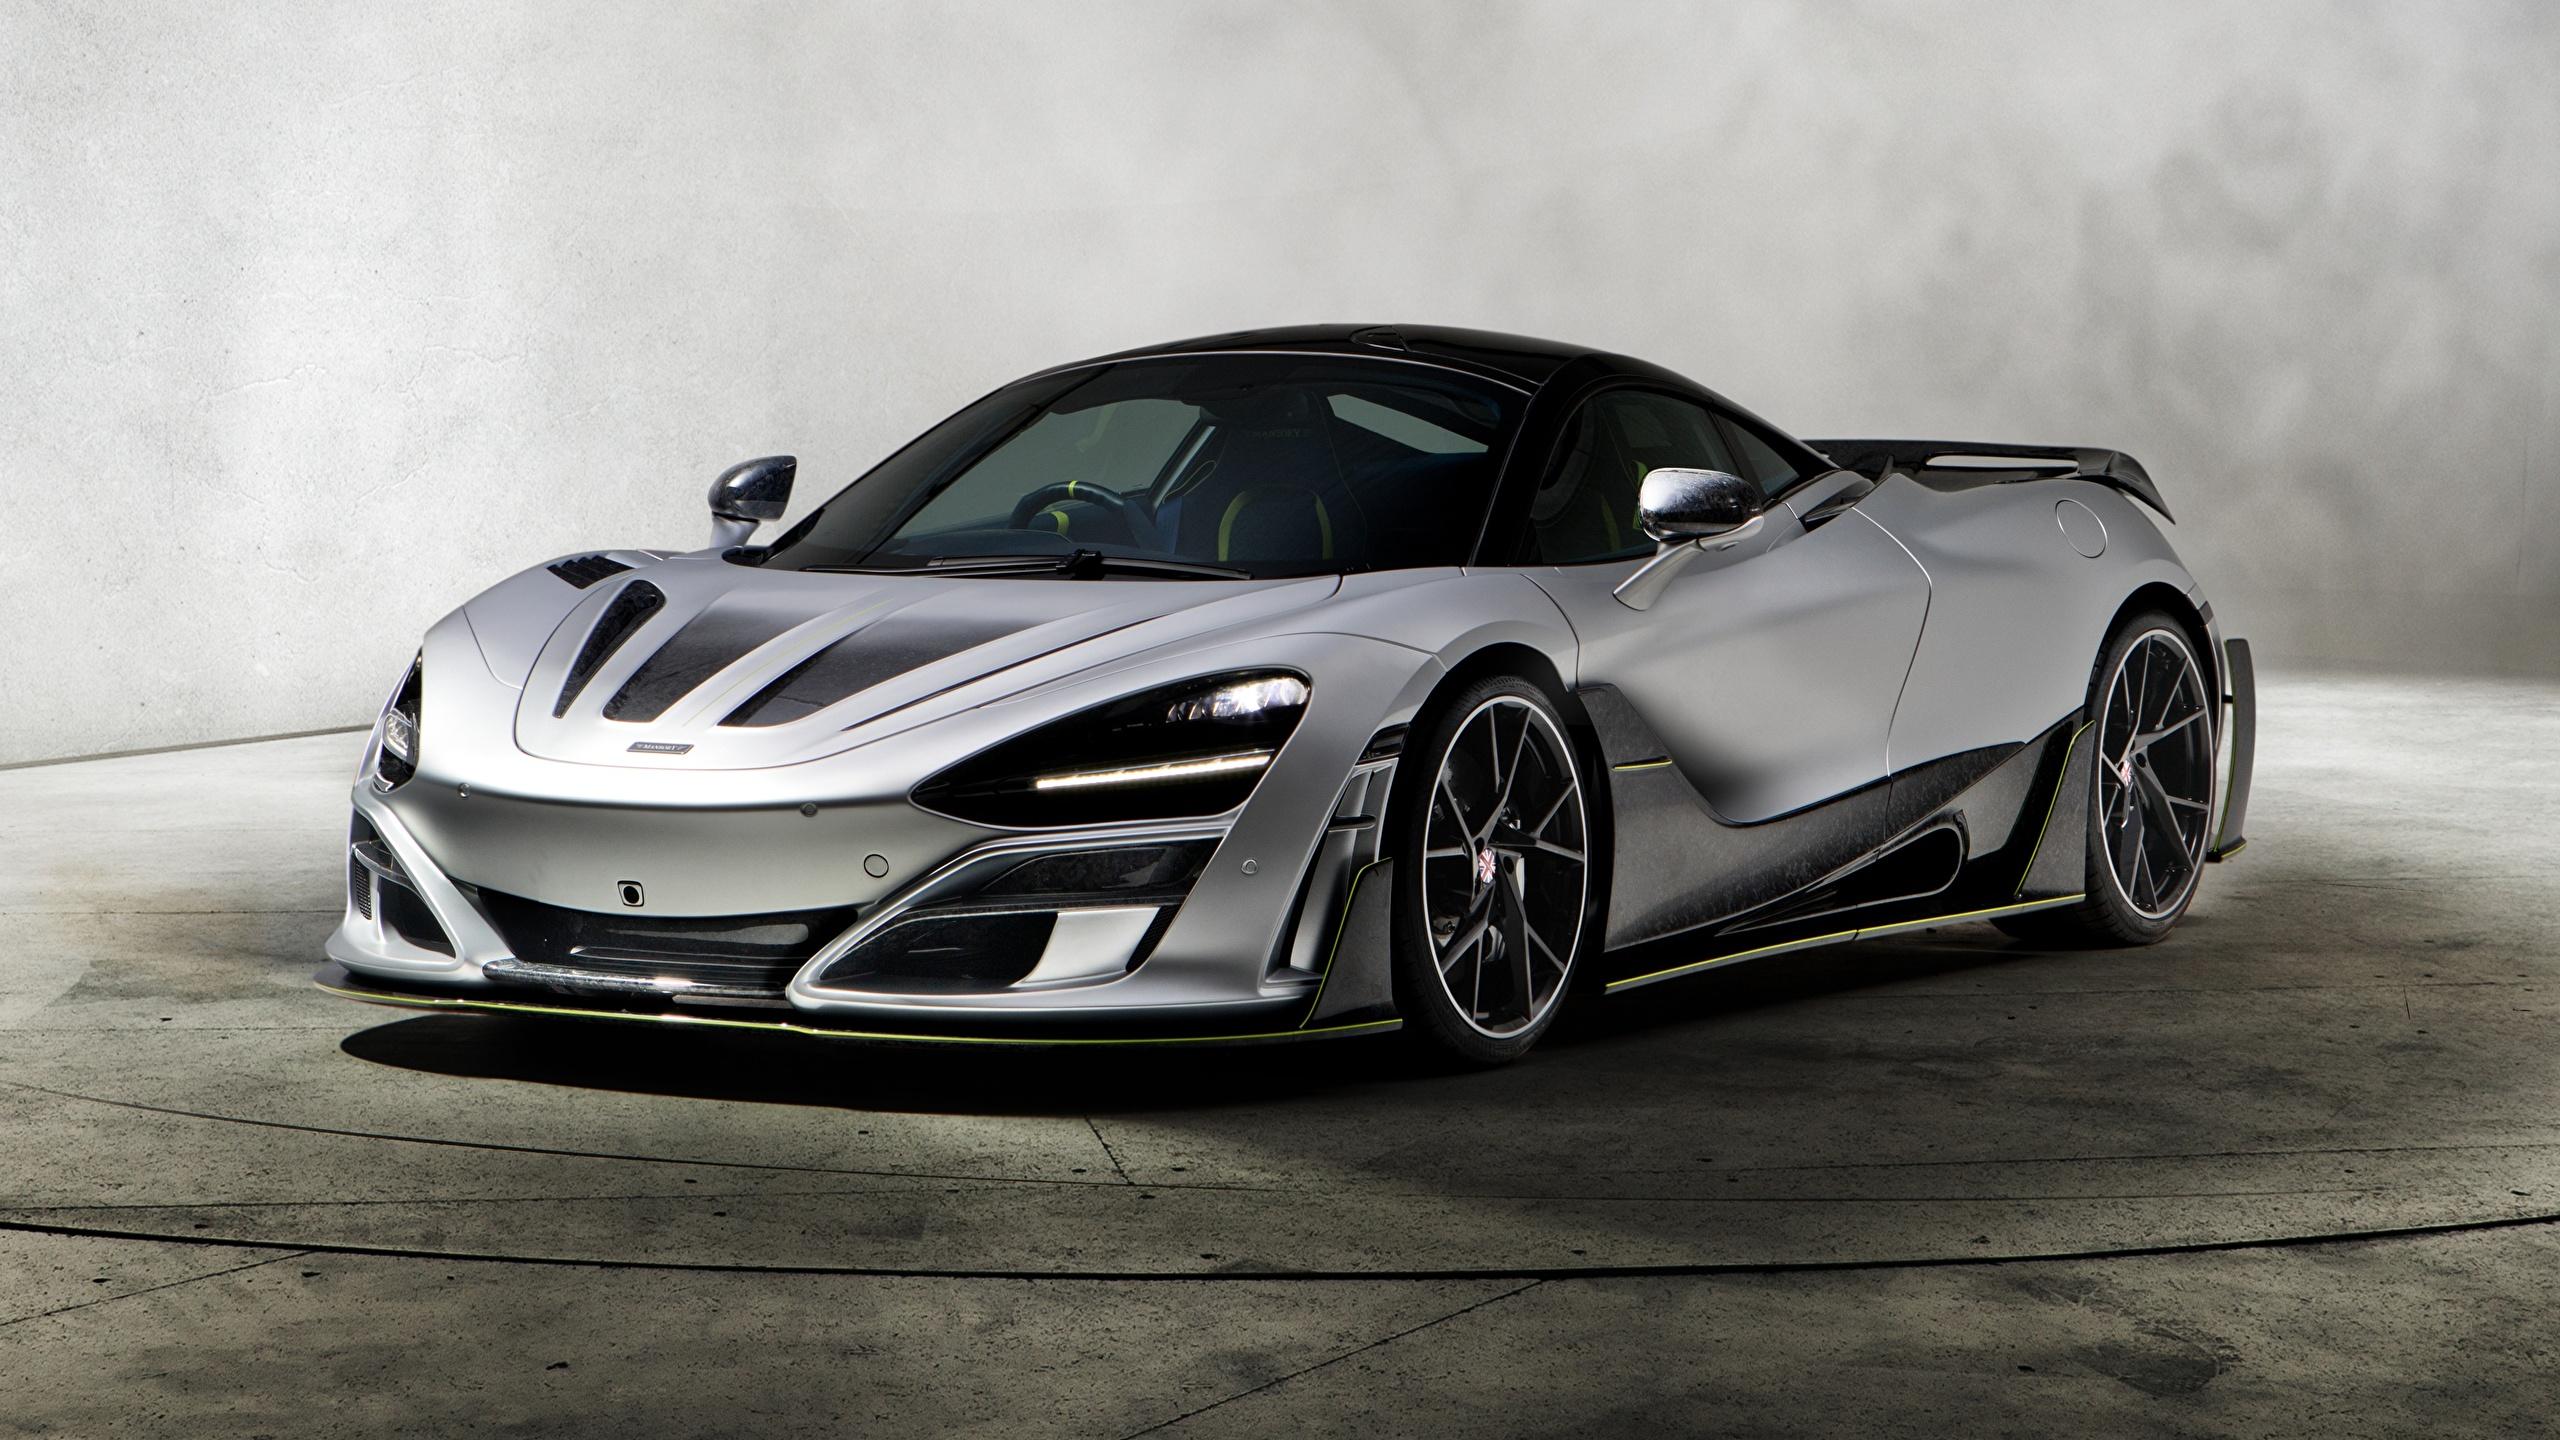 Картинки Макларен Mansory 720S Серебристый автомобиль 2560x1440 McLaren серебряный серебряная серебристая авто машина машины Автомобили